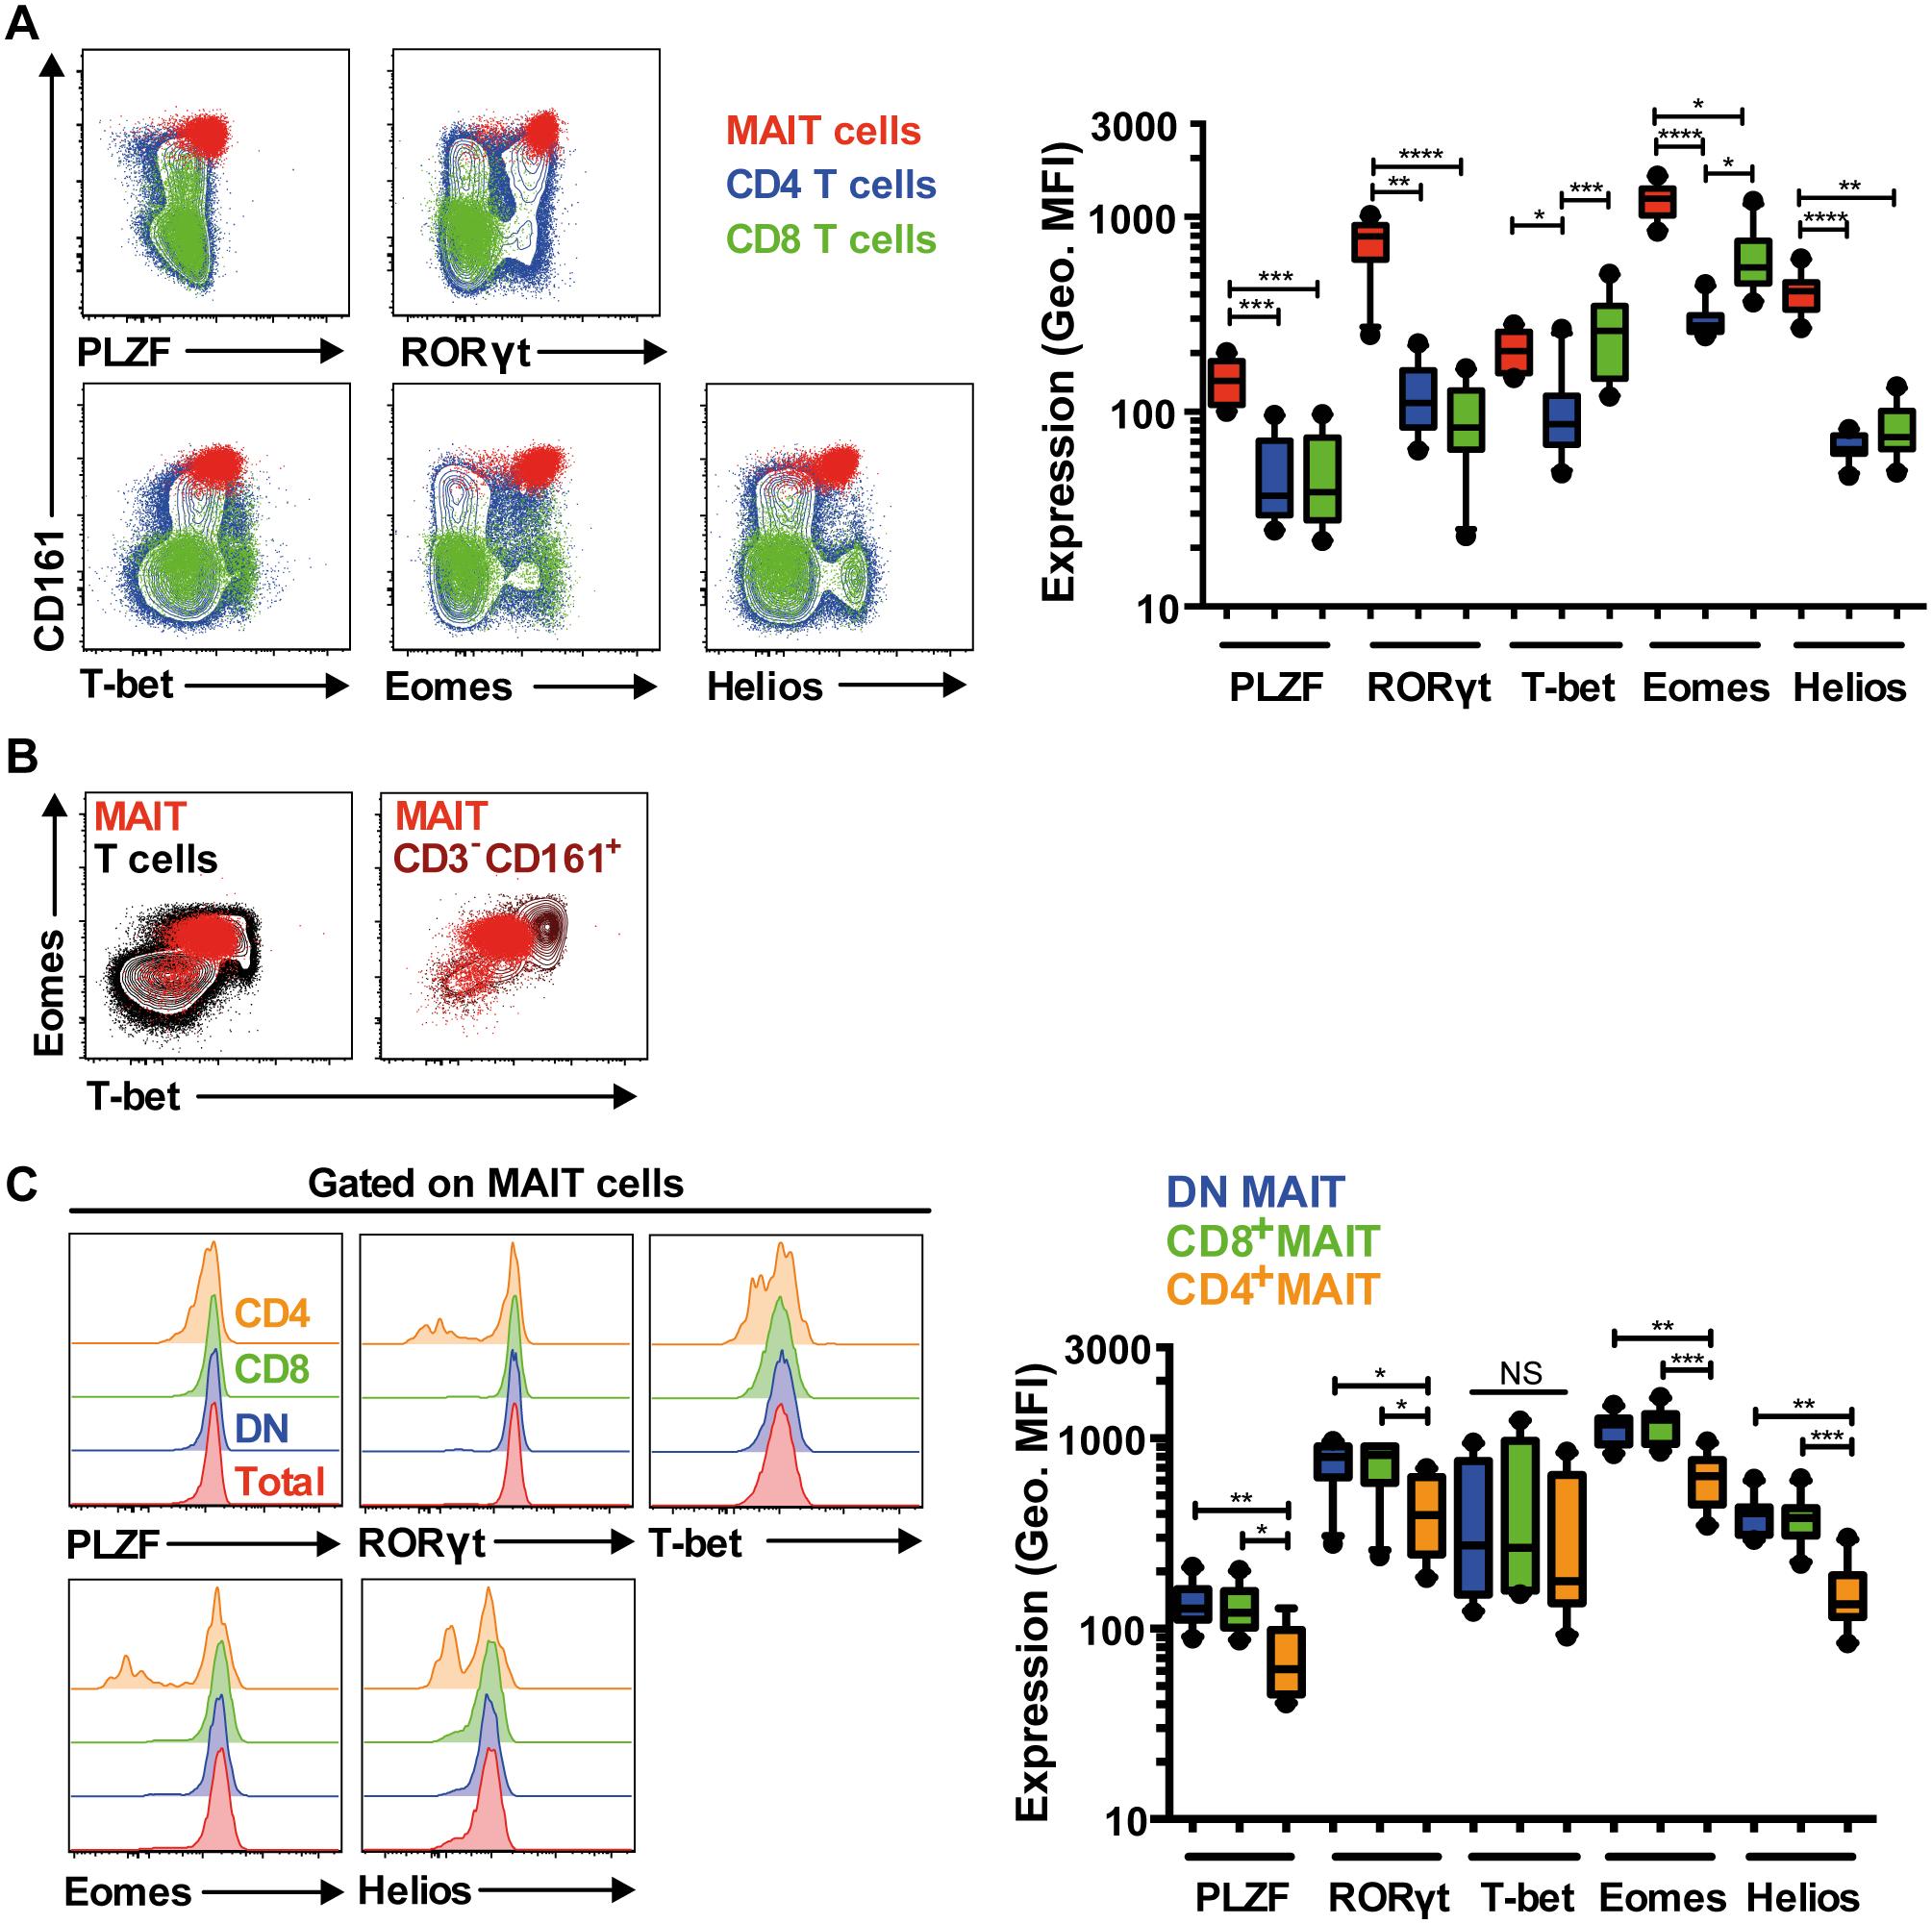 MAIT cells express a distinct transcription factor profile.